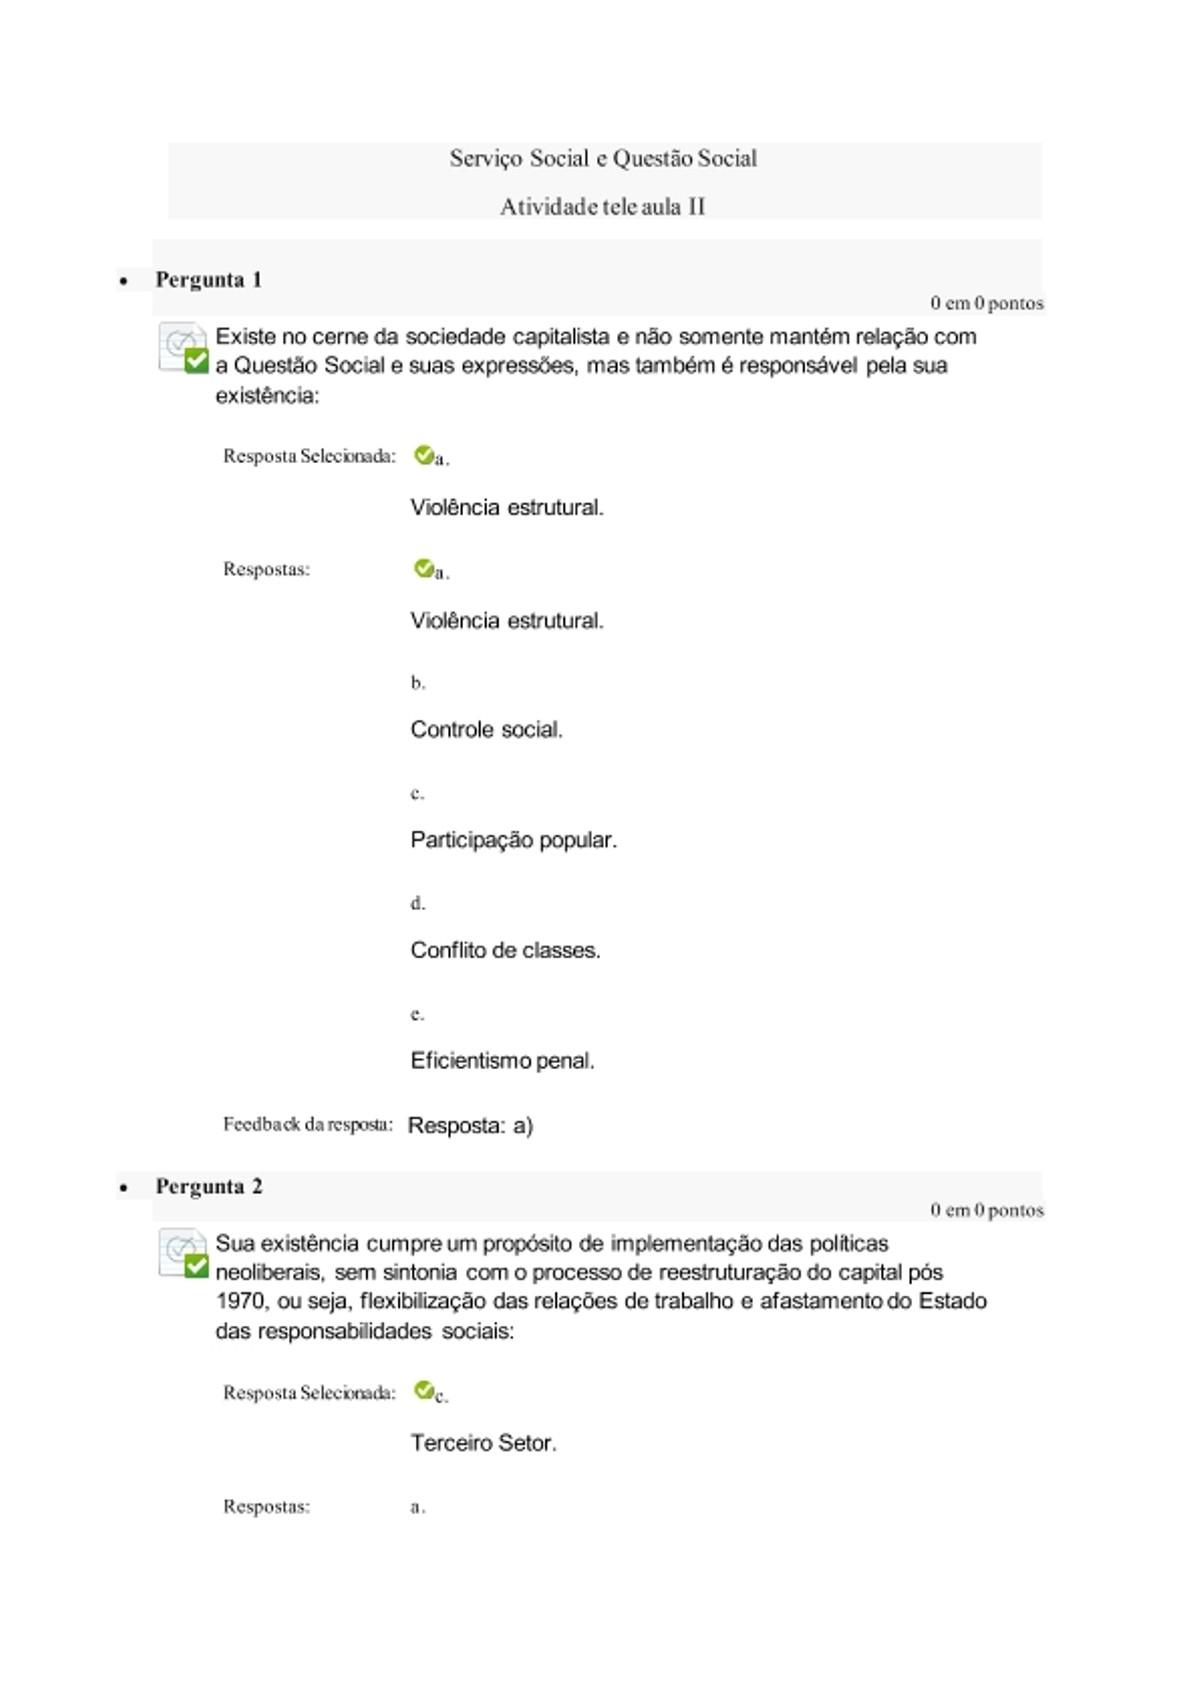 Pre-visualização do material Atividade tele aula II Serviço social e questão social. - página 1